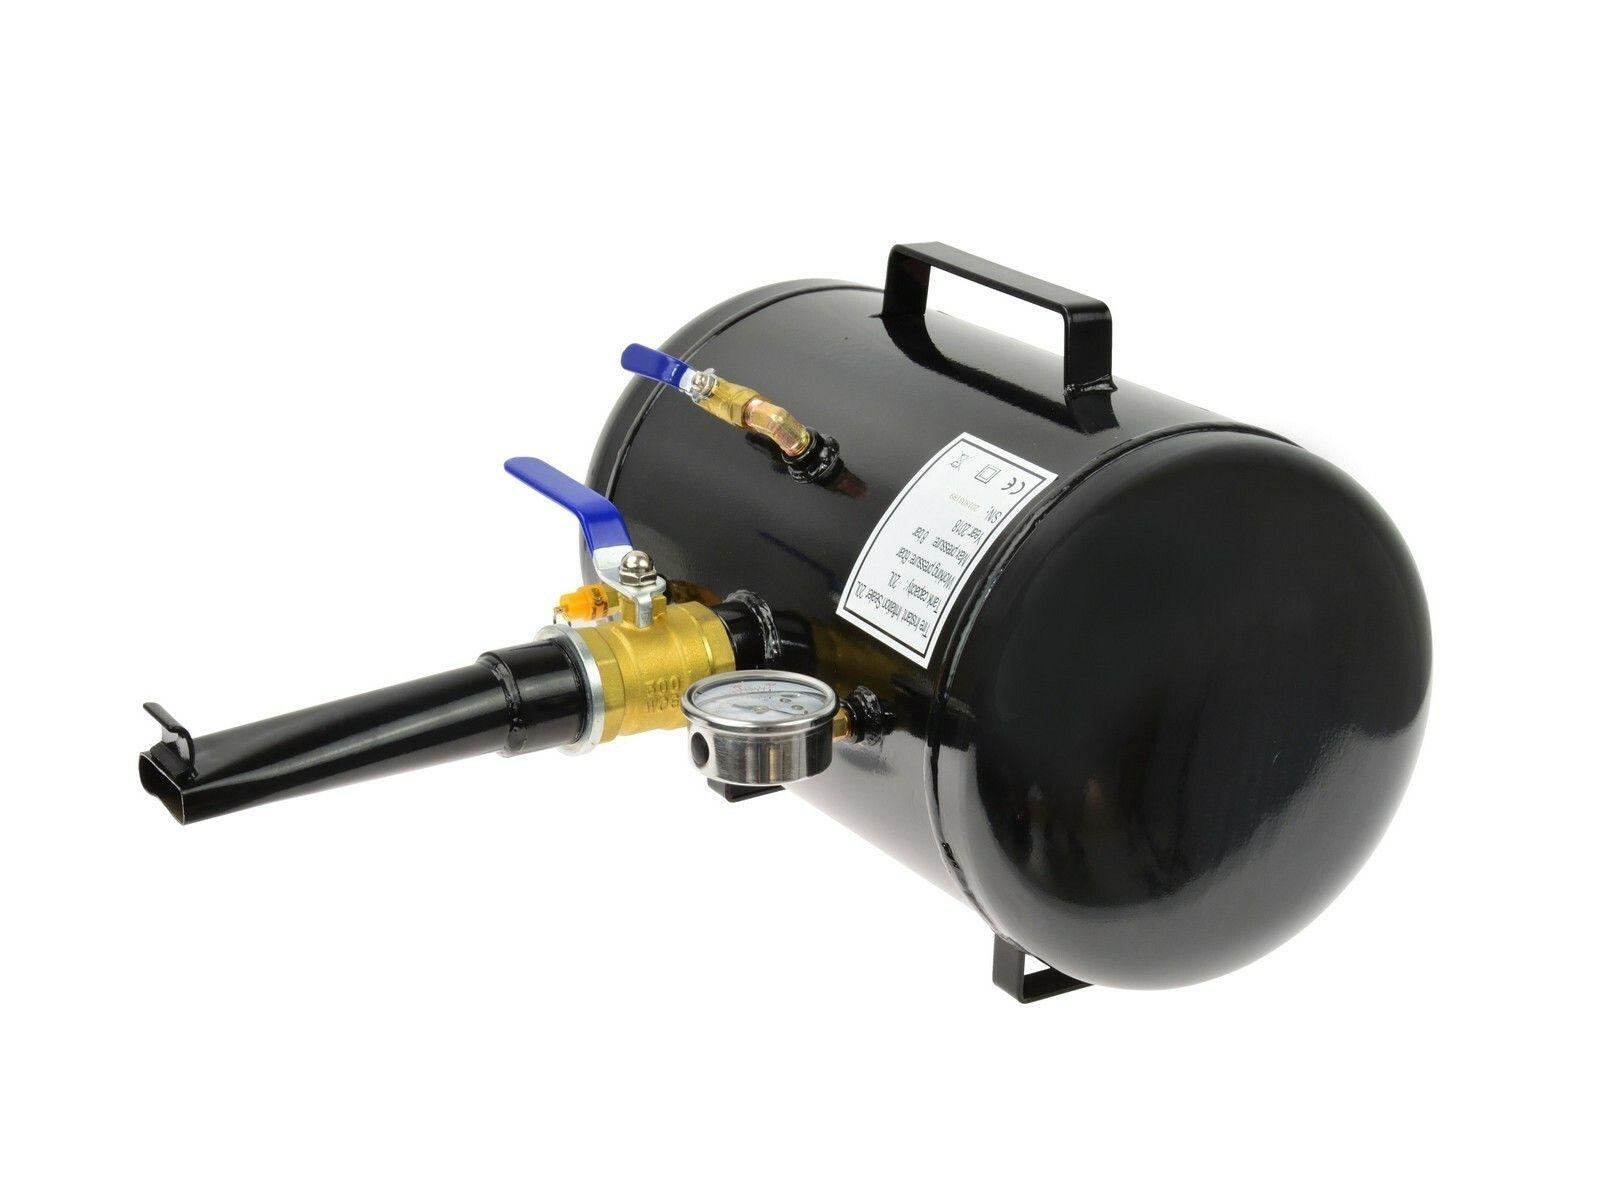 GEKO G80340 Plnící zařízení tlakové pro huštění pneumatik, kapacita 20 litrů